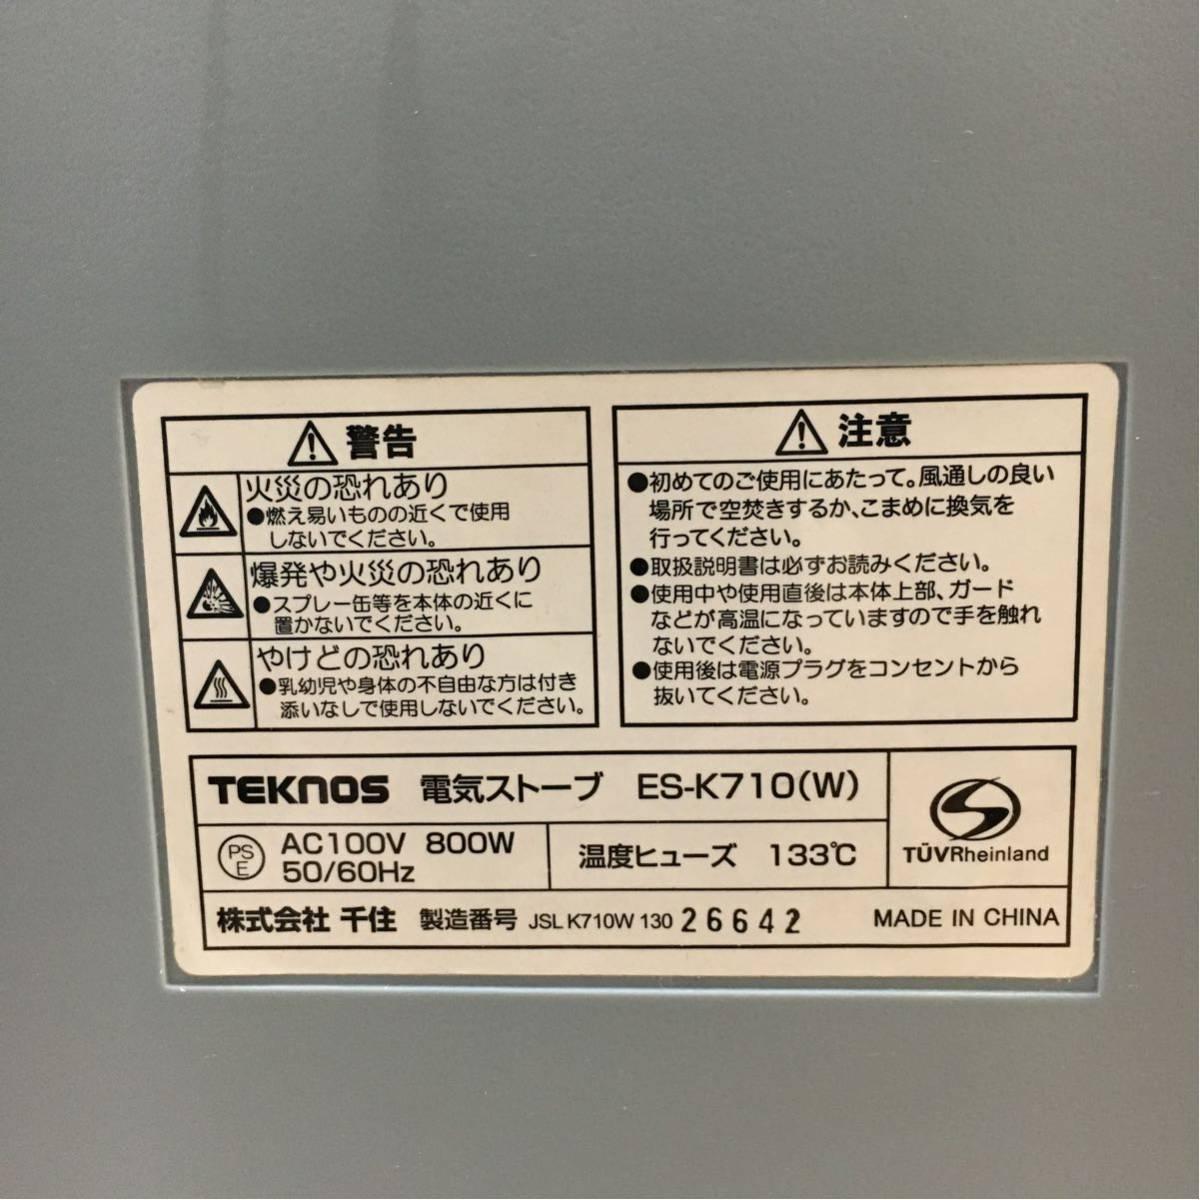 【美品】電気ストーブ ヒーター TEKNOS 800W 暖房器具 動作確認済み 転倒OFFスイッチ_画像7